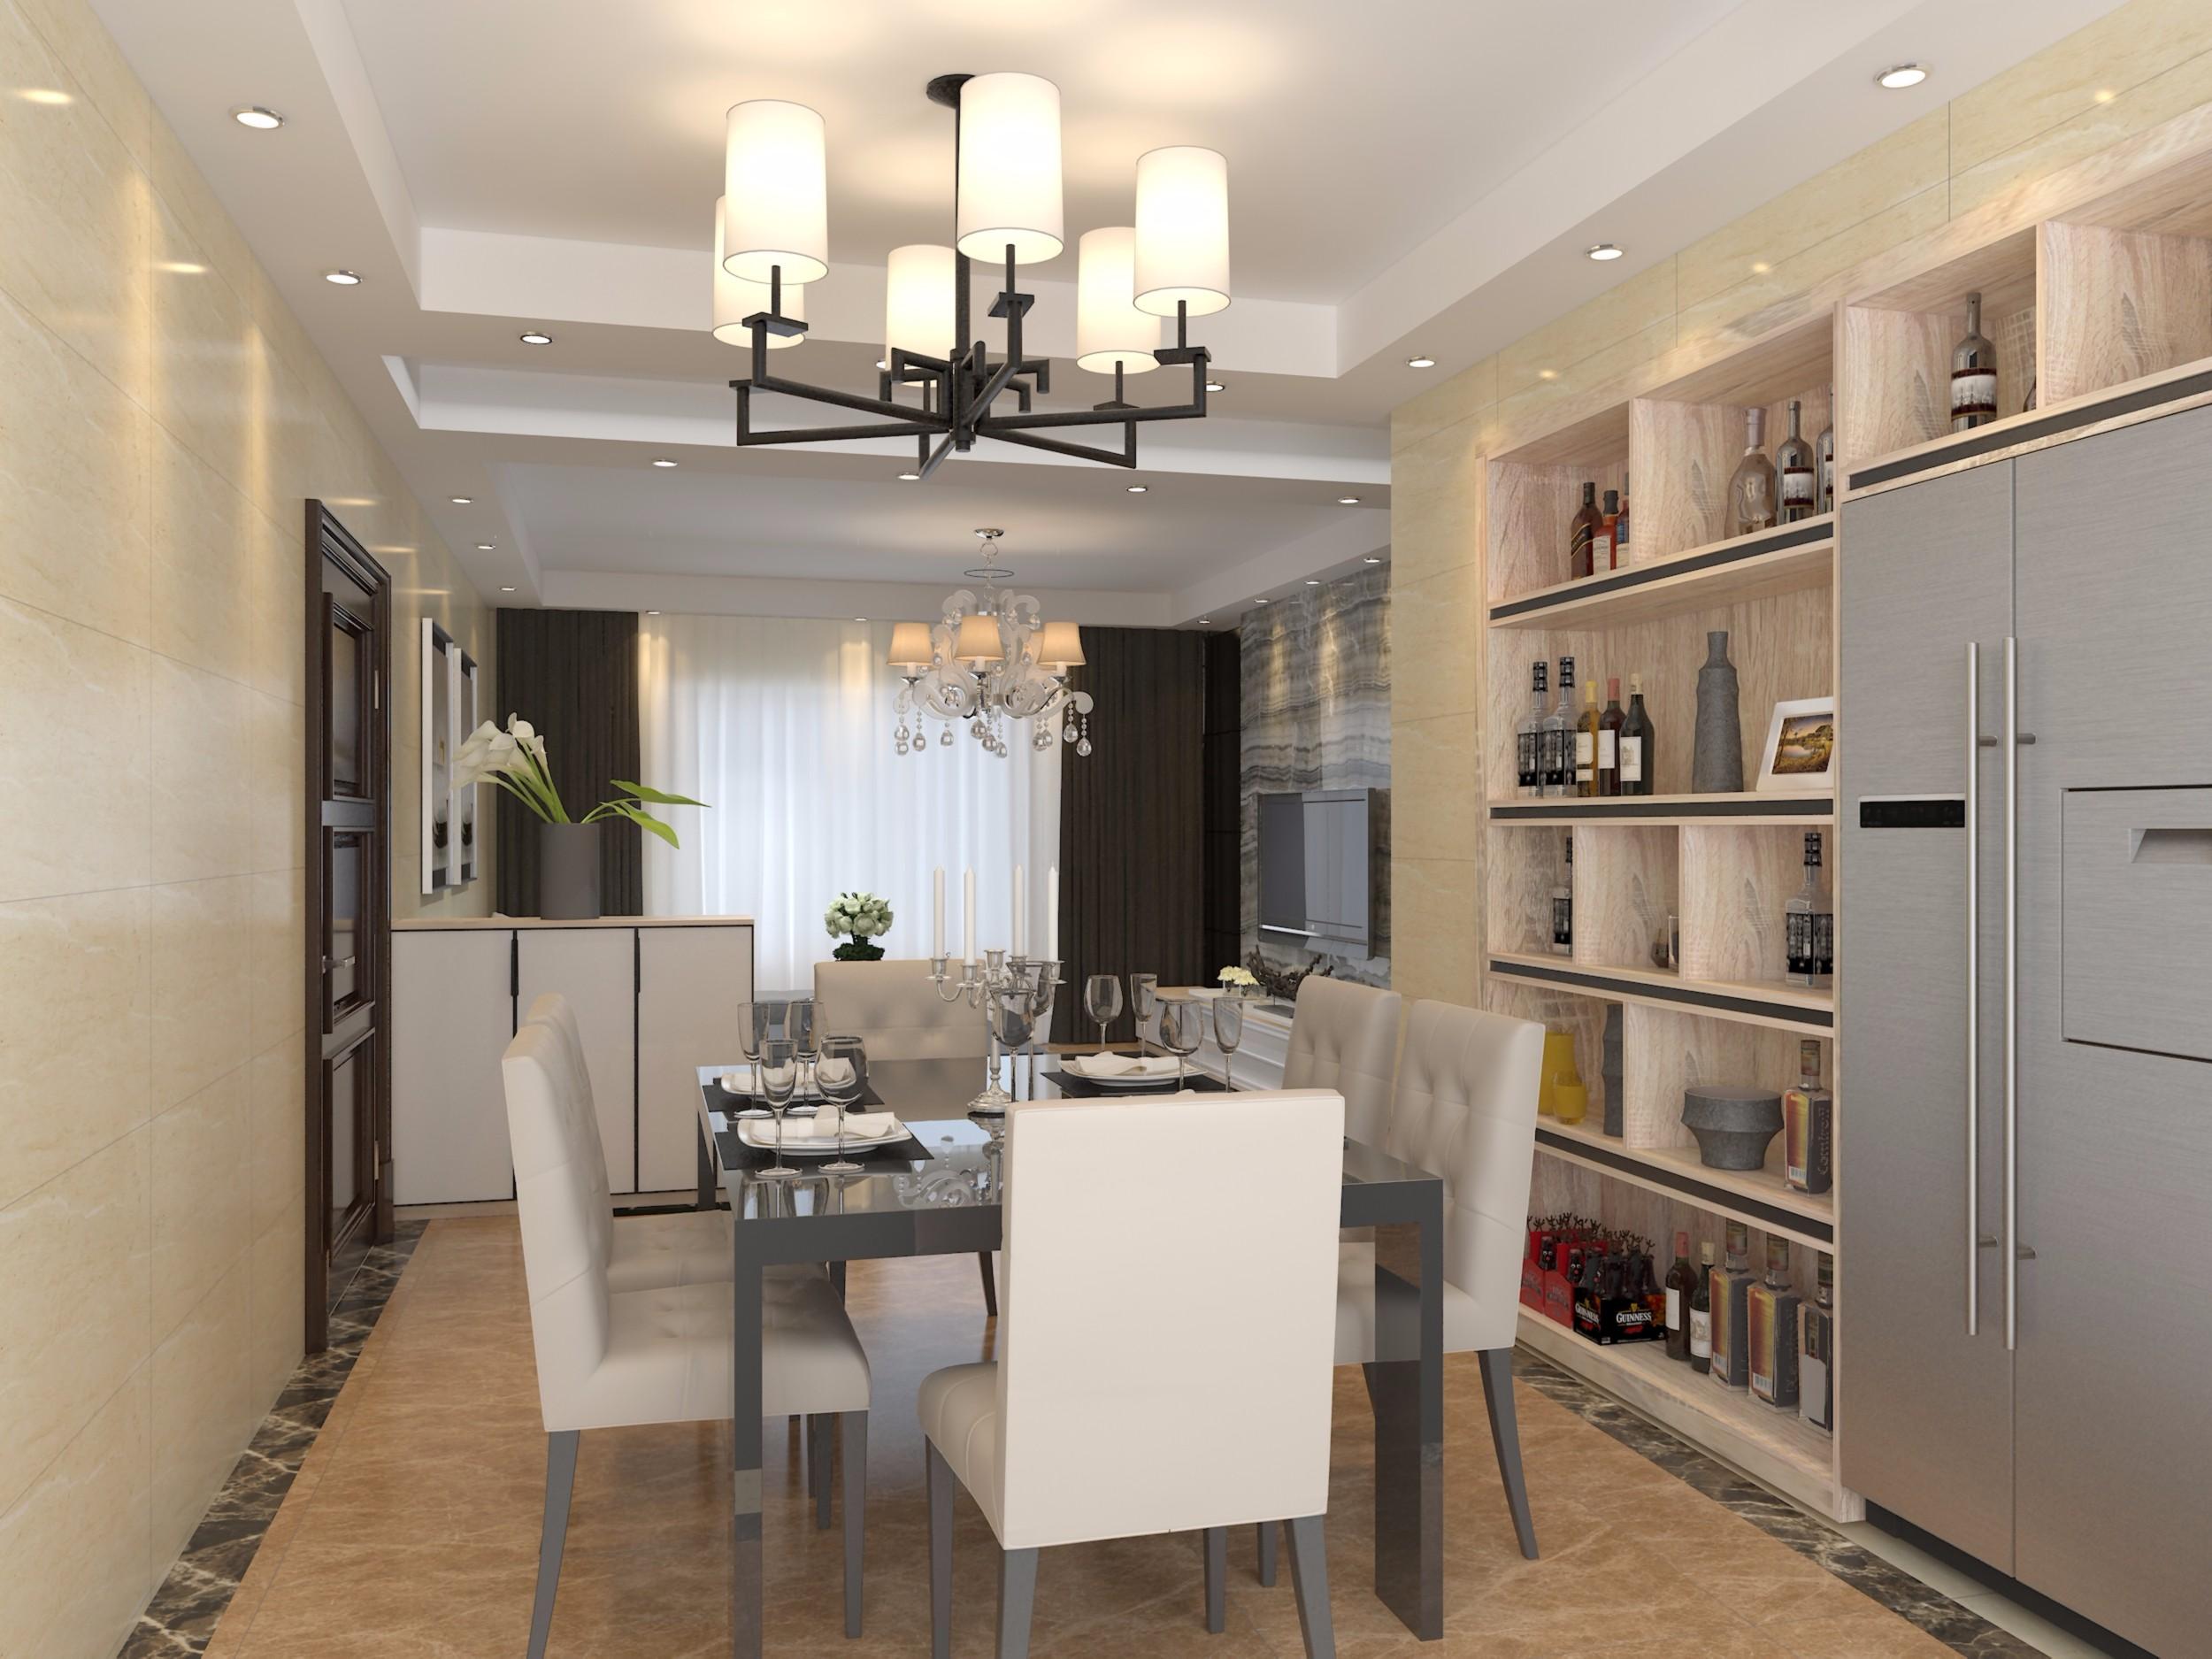 搭配黑色茶镜,入墙式酒柜,最大限度的利用餐厅空间,加之冰箱的入嵌图片